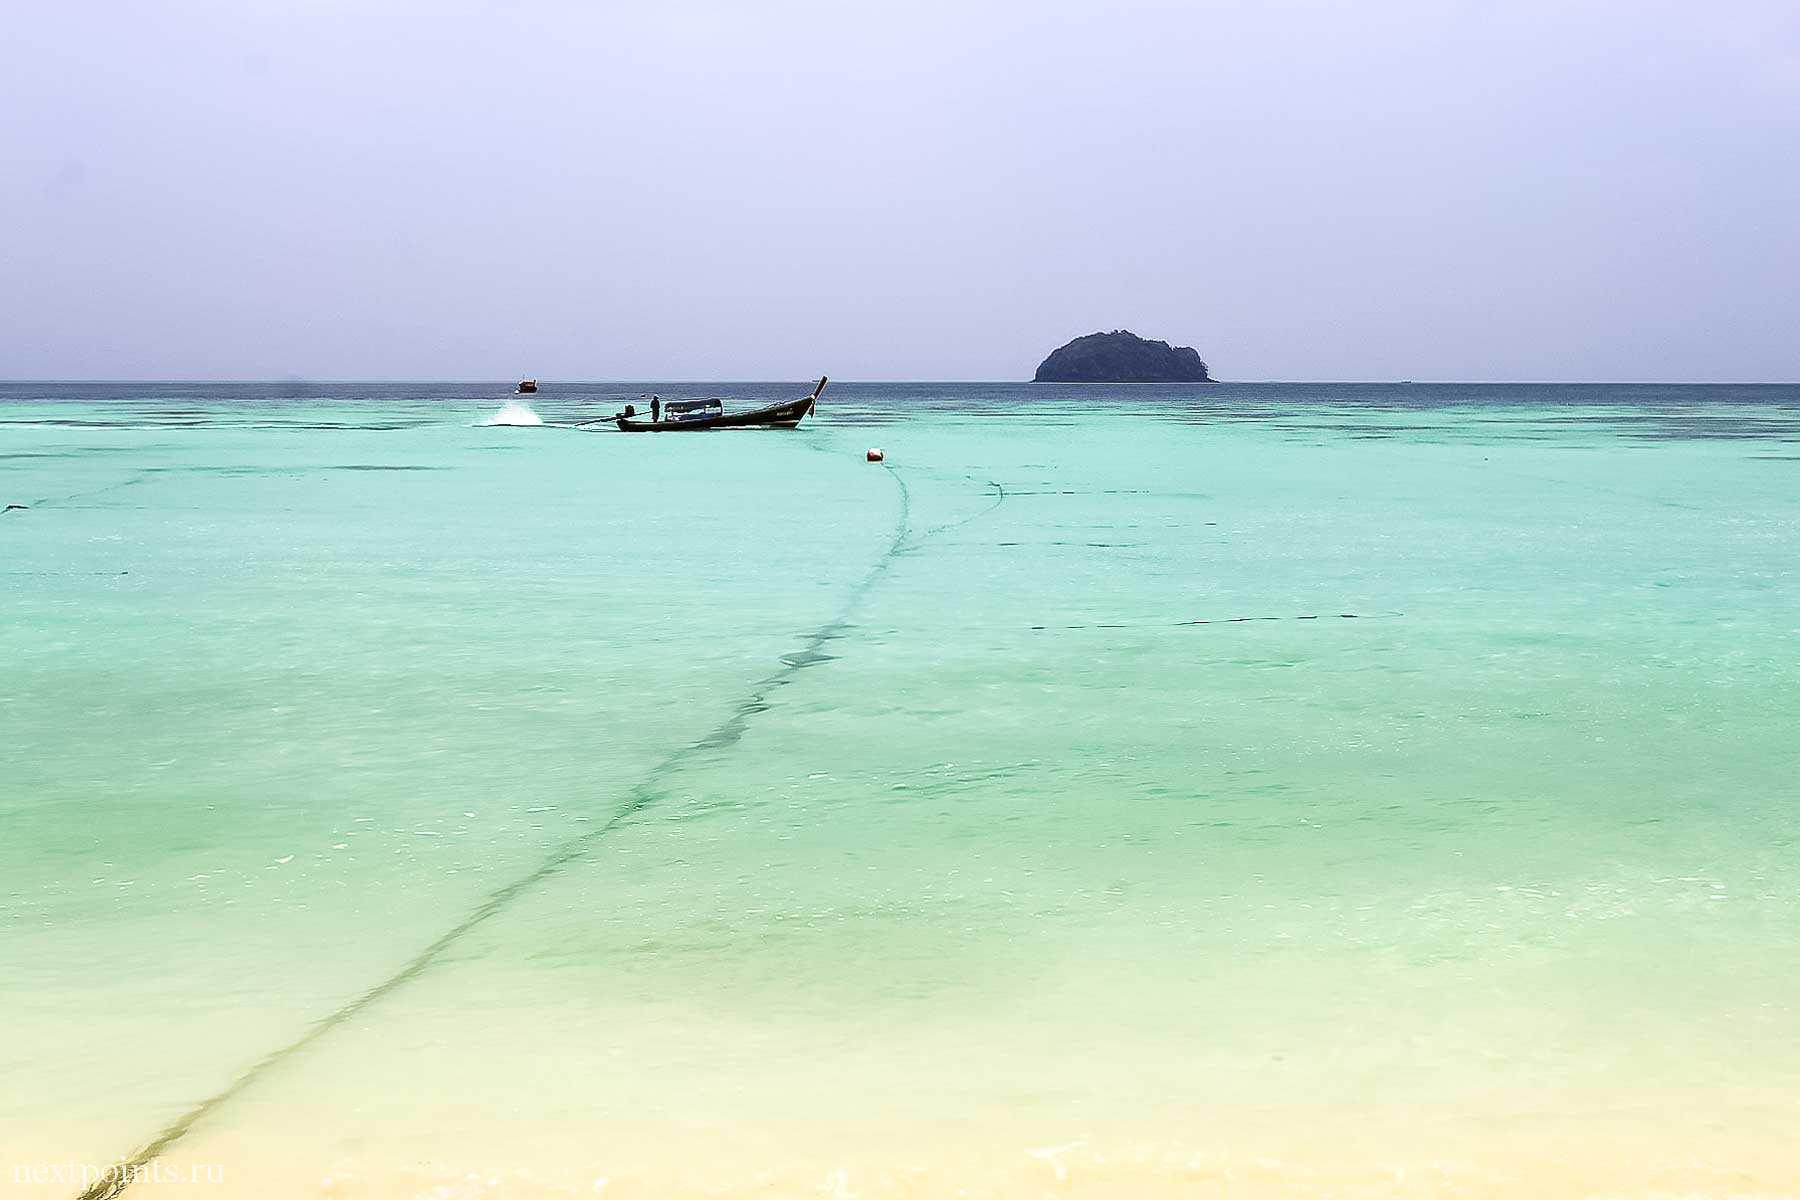 Море острова Ко Липе (Koh Lipe) в Таиланде